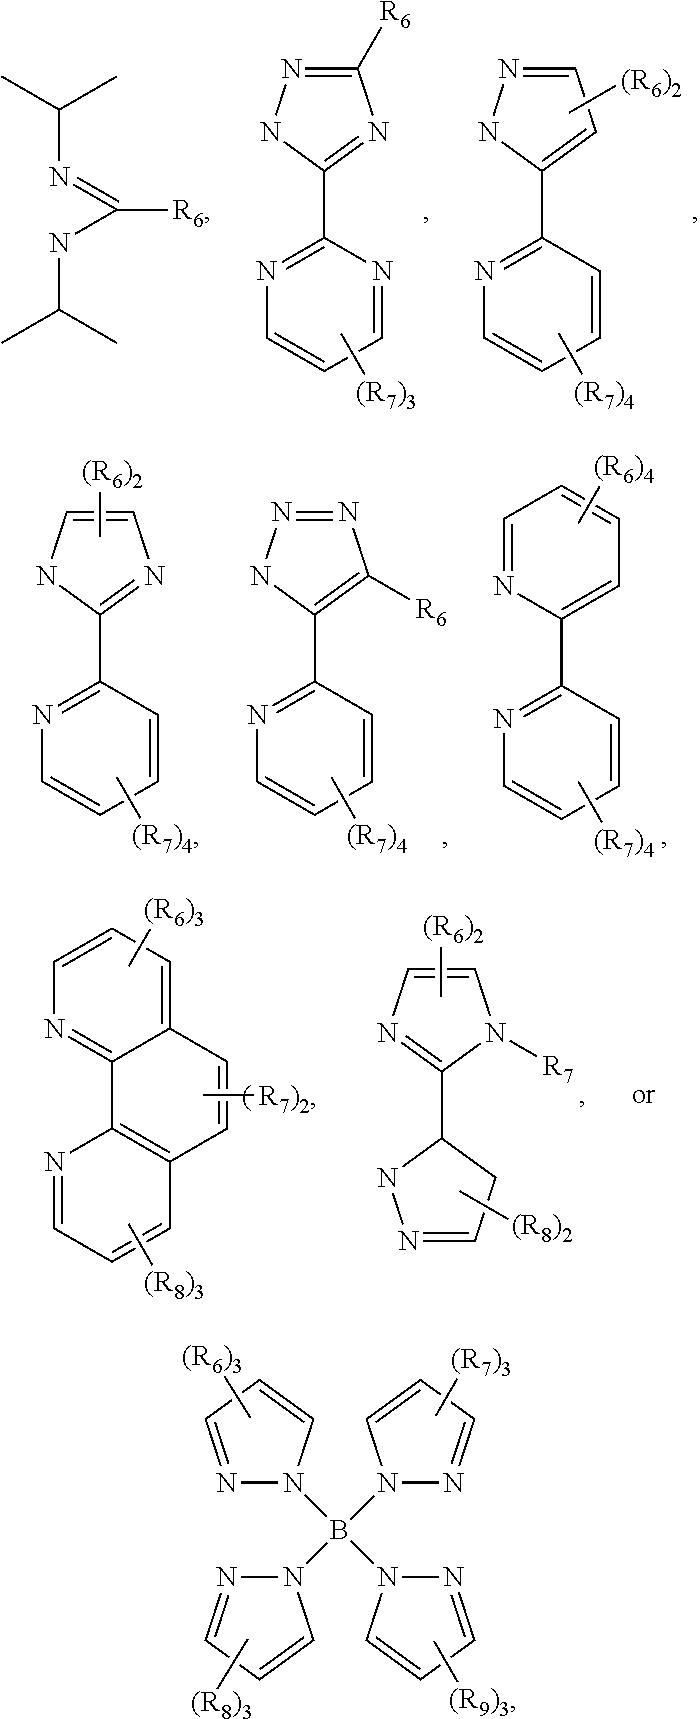 Figure US09634266-20170425-C00005